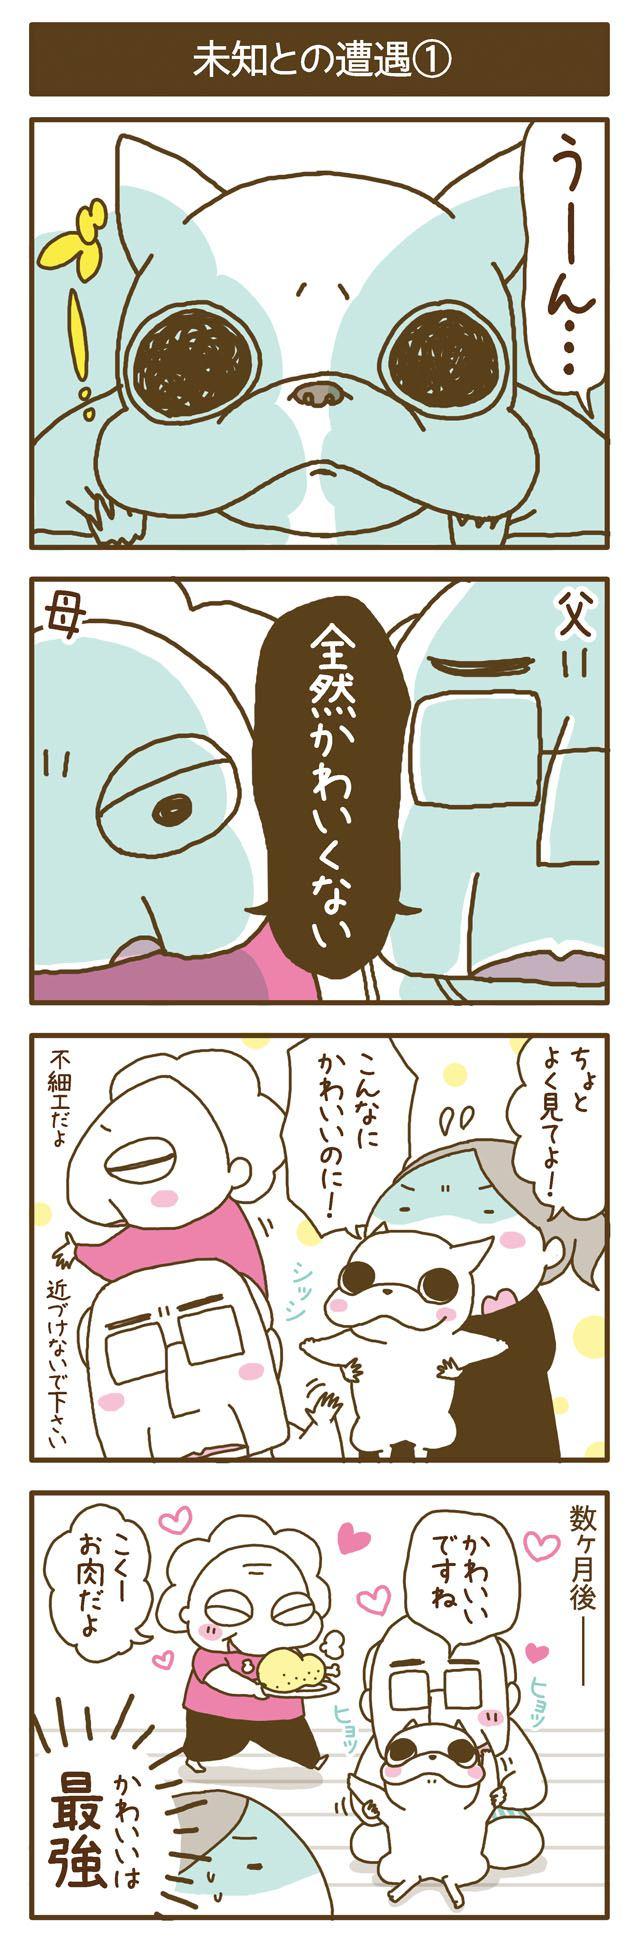 フレブルこくぼ第5話